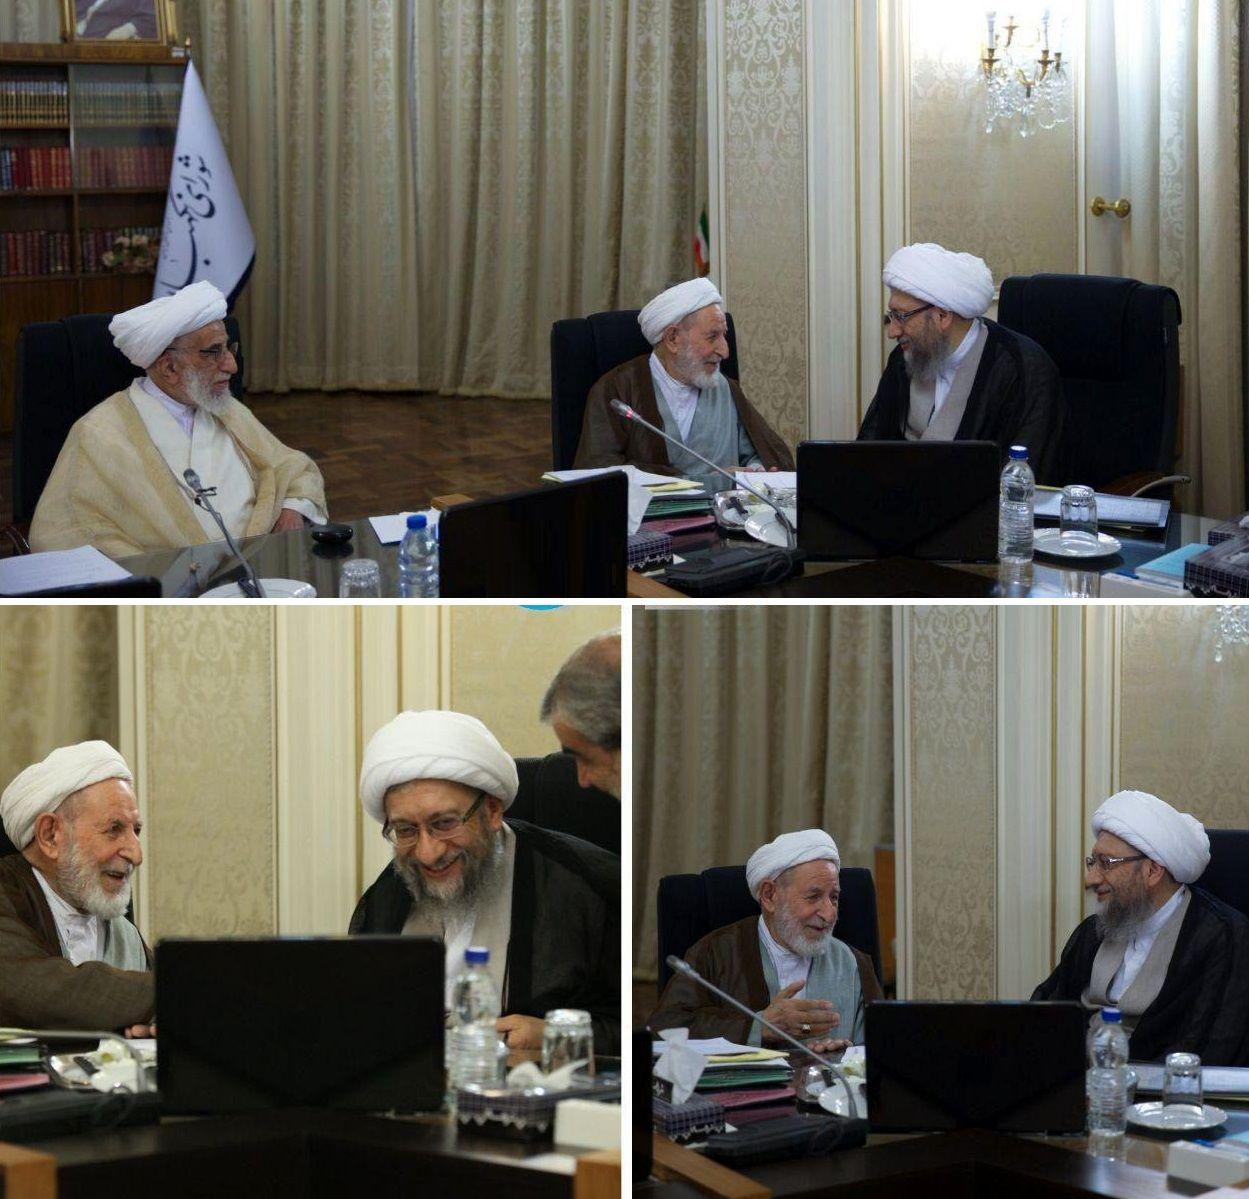 روایت سخنگوی شورای نگهبان از جلسه امروز با حضور یزدی و آملی لاریجانی